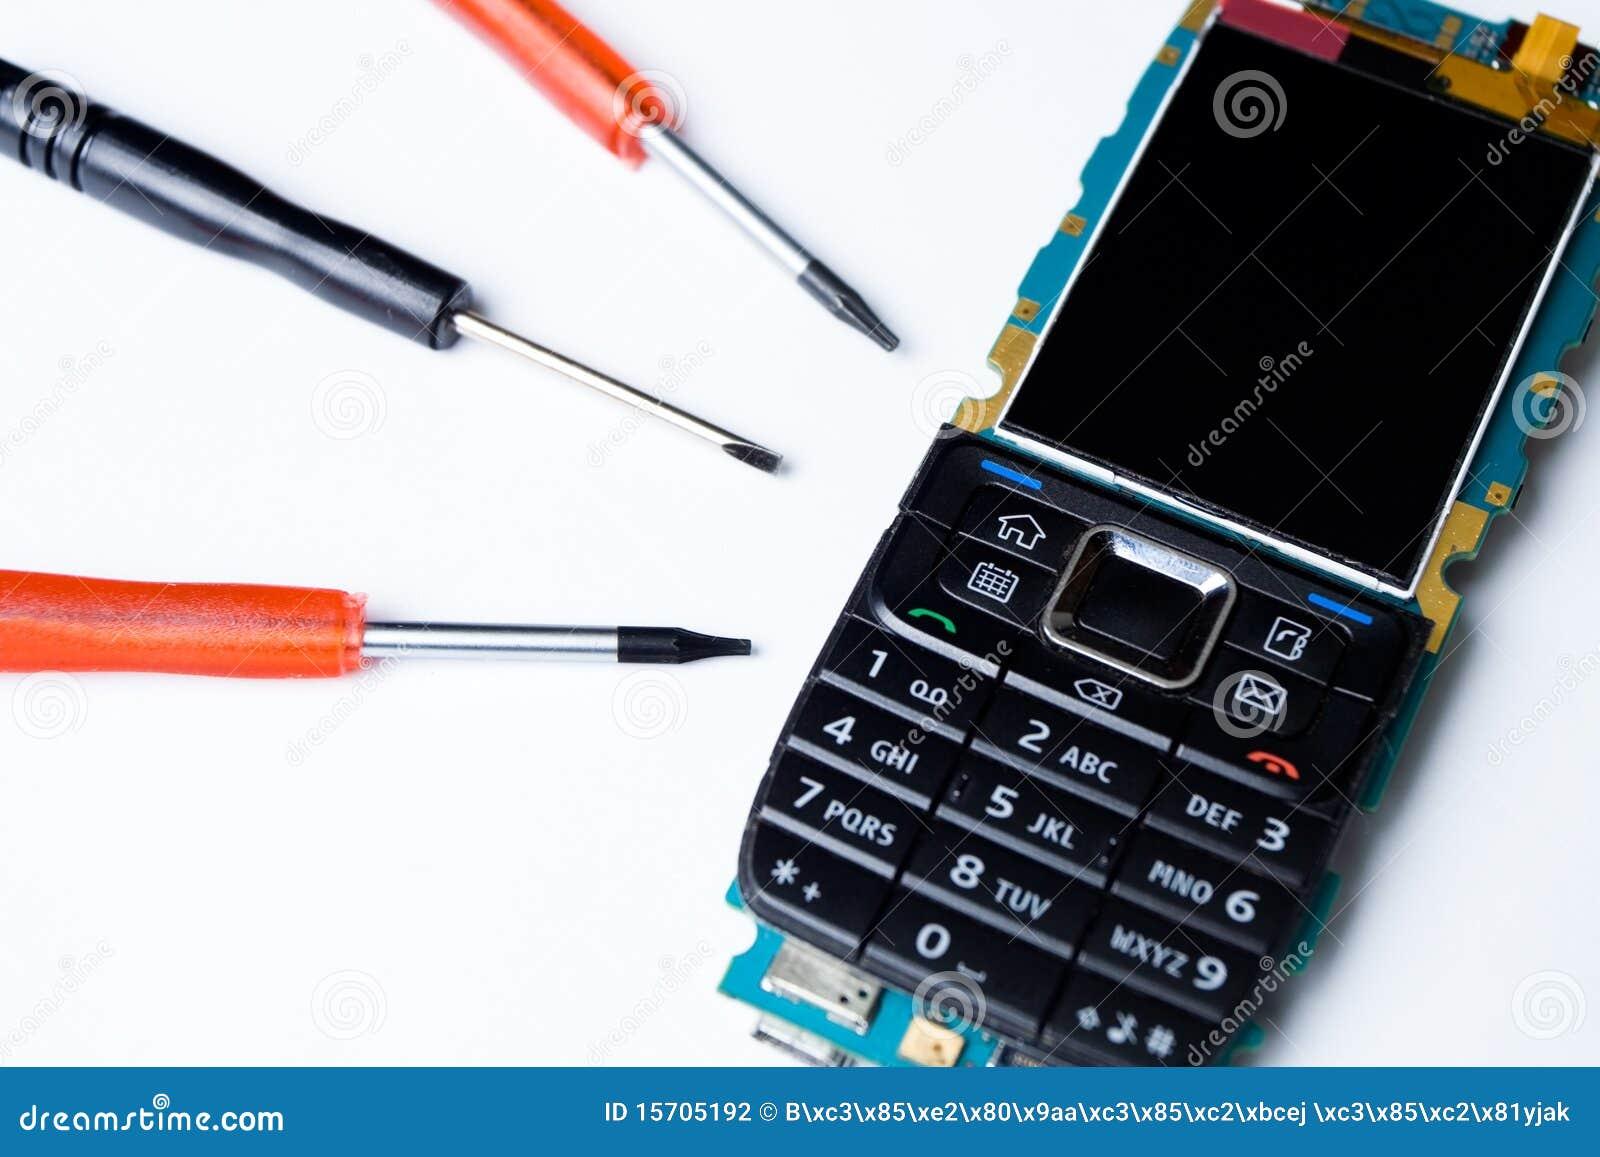 http://thumbs.dreamstime.com/z/mobile-phone-repair-tools-15705192.jpg